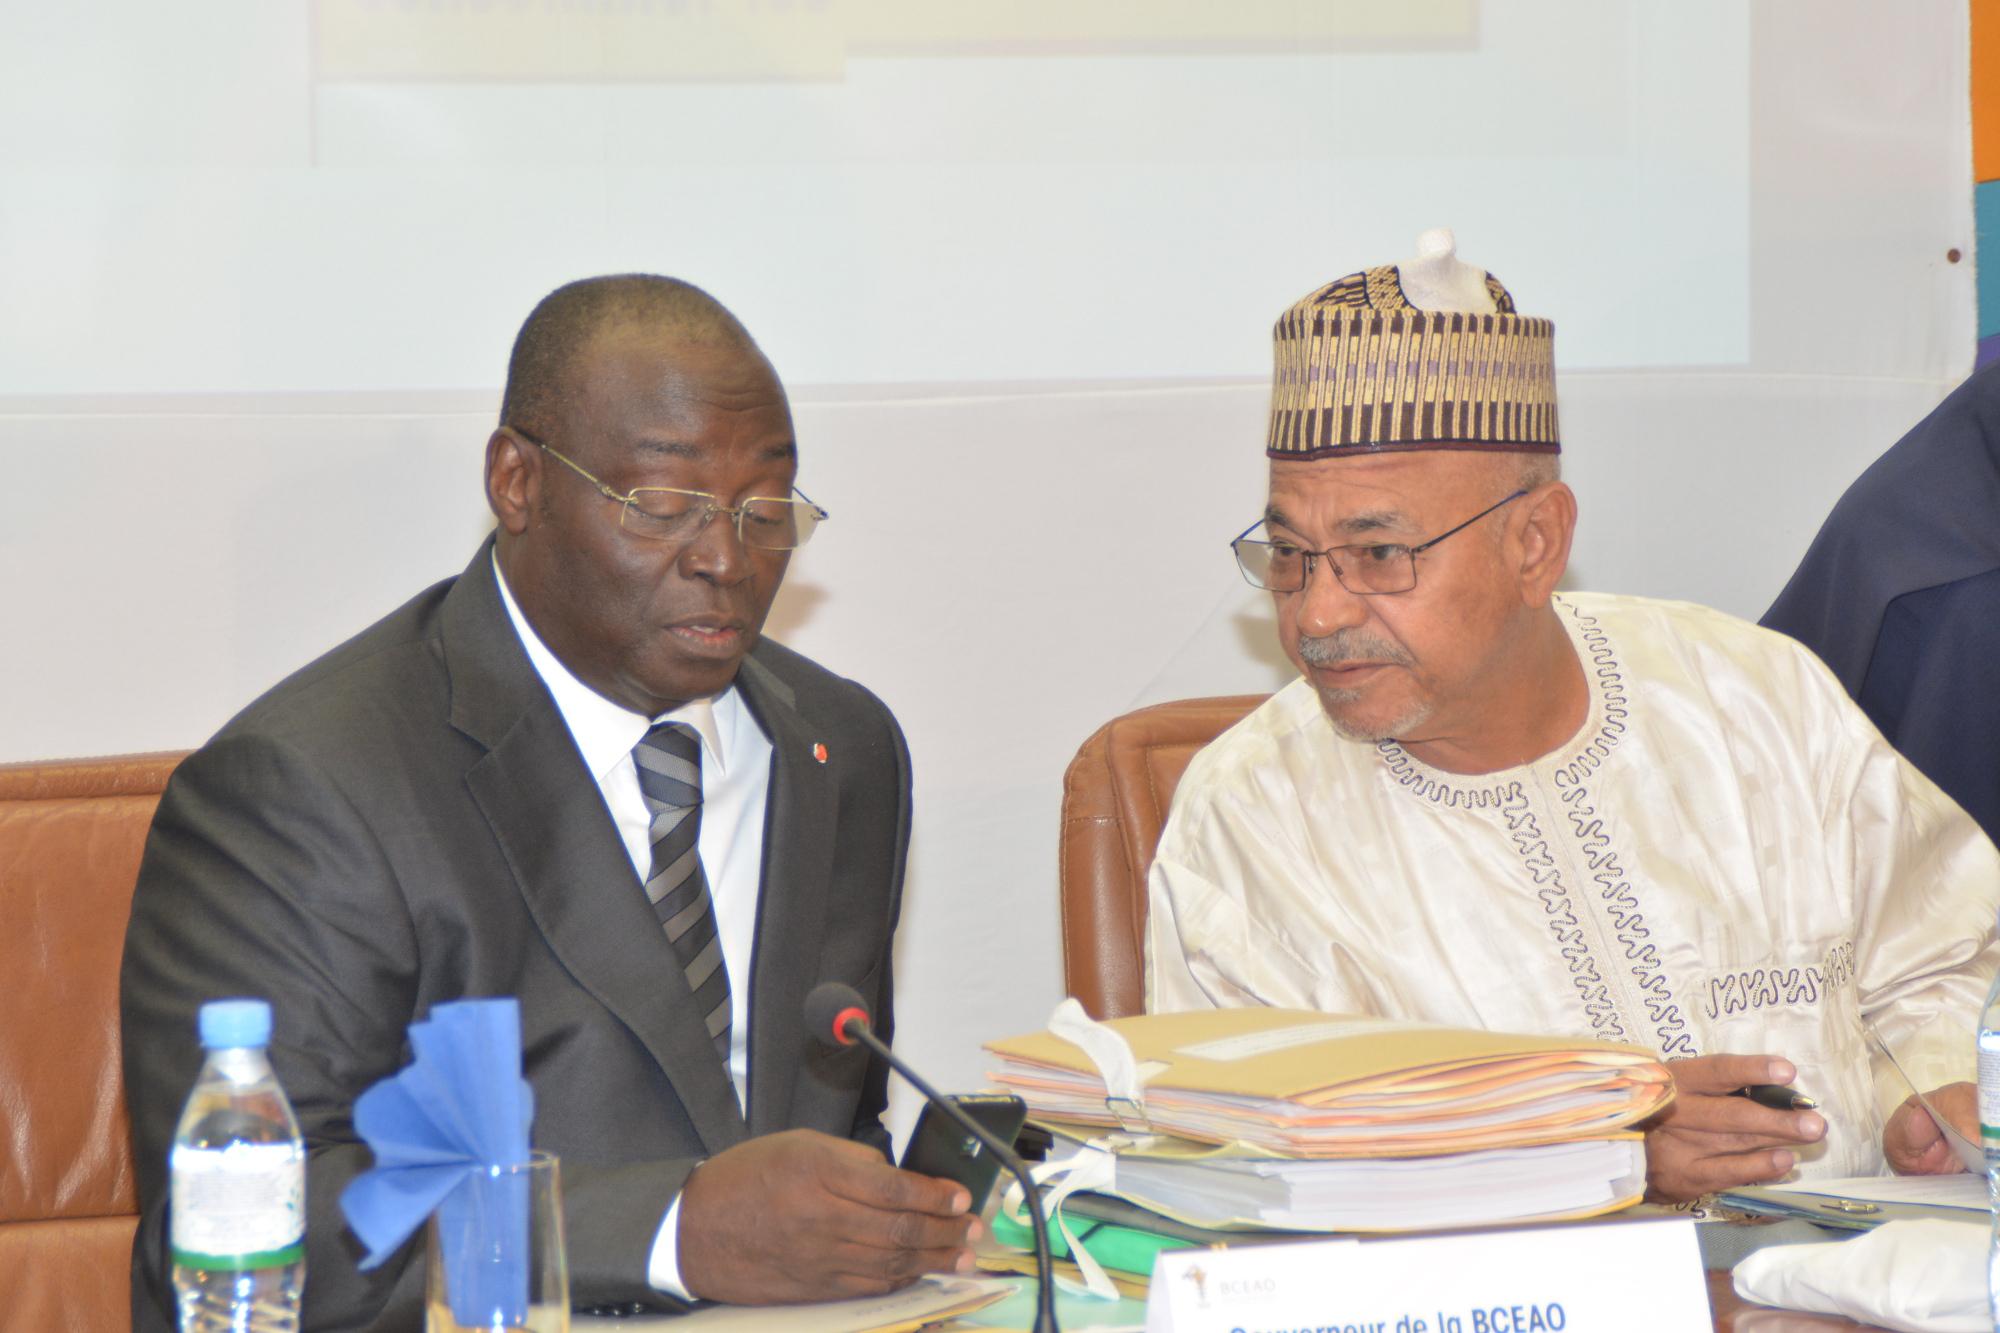 L'Ivoirien Tiémoko Meyliet Koné (à gauche) est le gouverneur de la BCEAO depuis 2011. Photo BCEAO